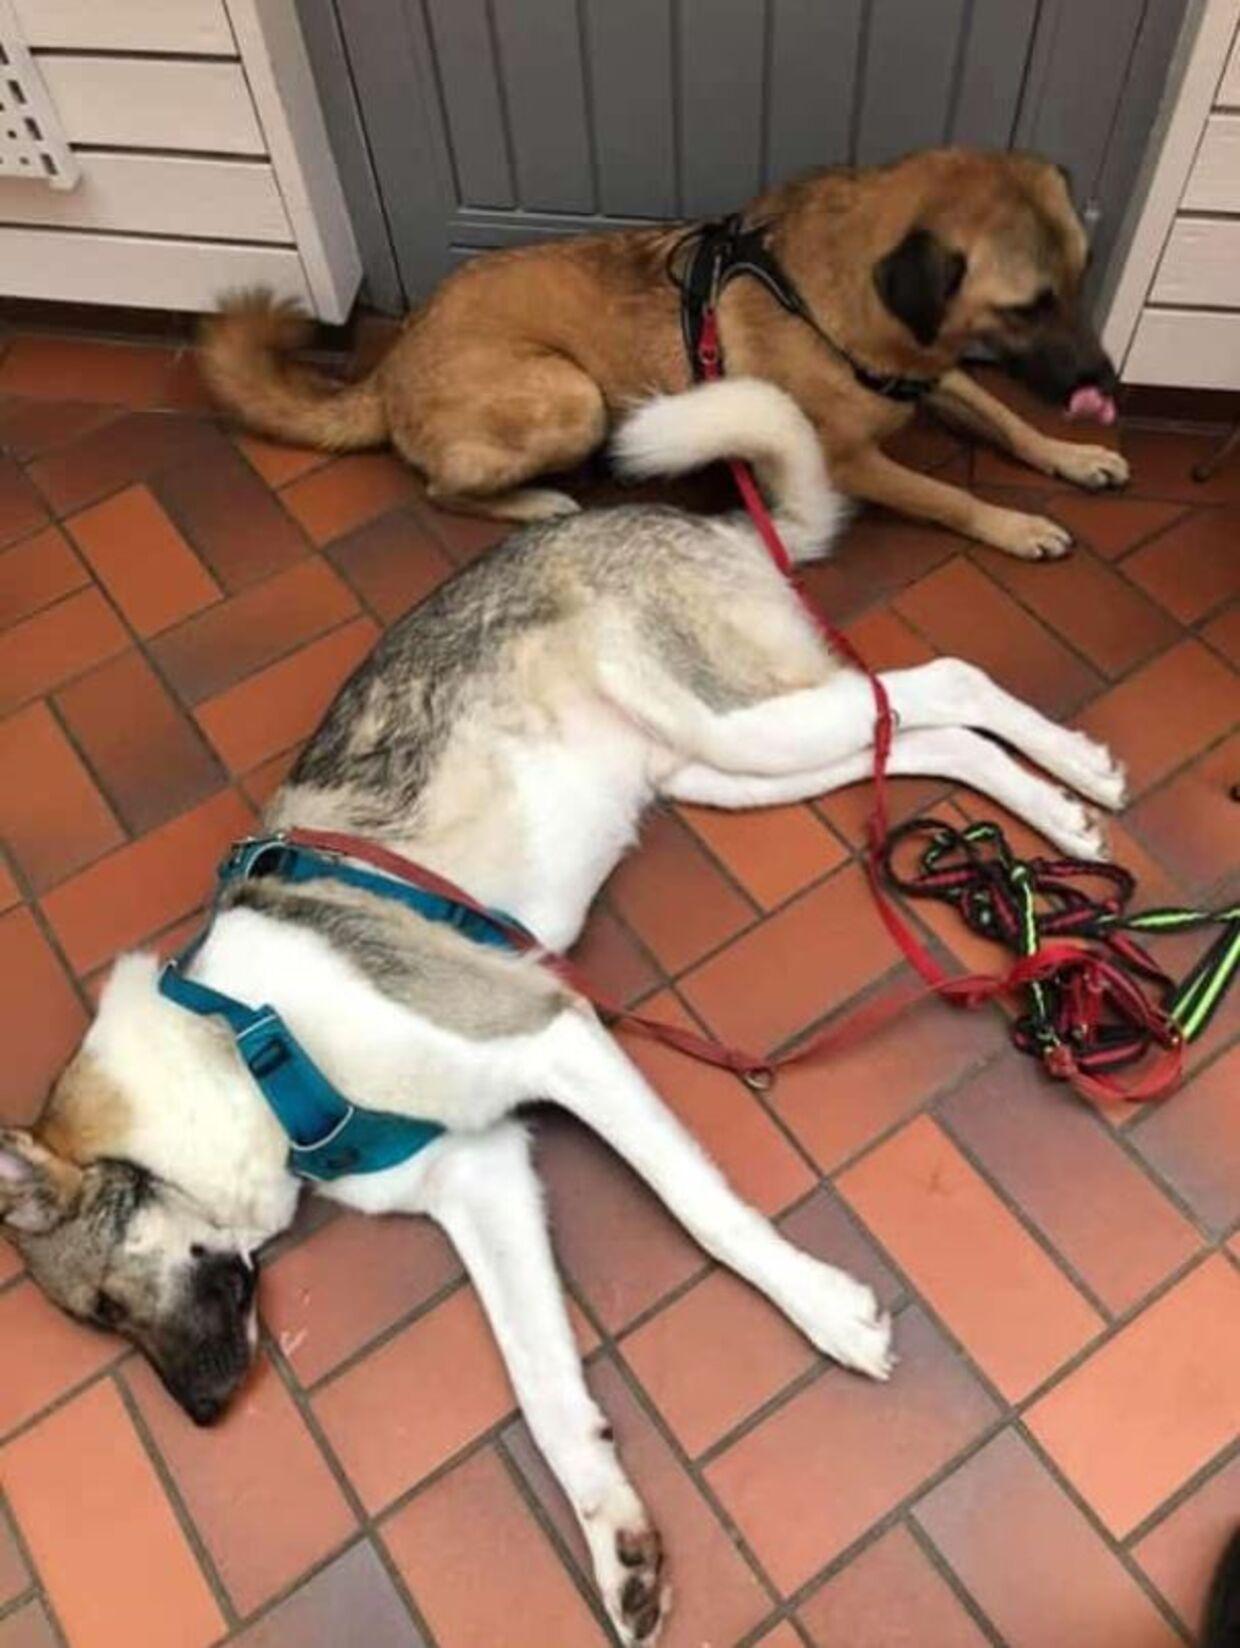 Aslan og Puppy fik sig lidt en af oplevelse søndag aften, da de var ude at gå tur med deres ejer, Samantha Wolf.